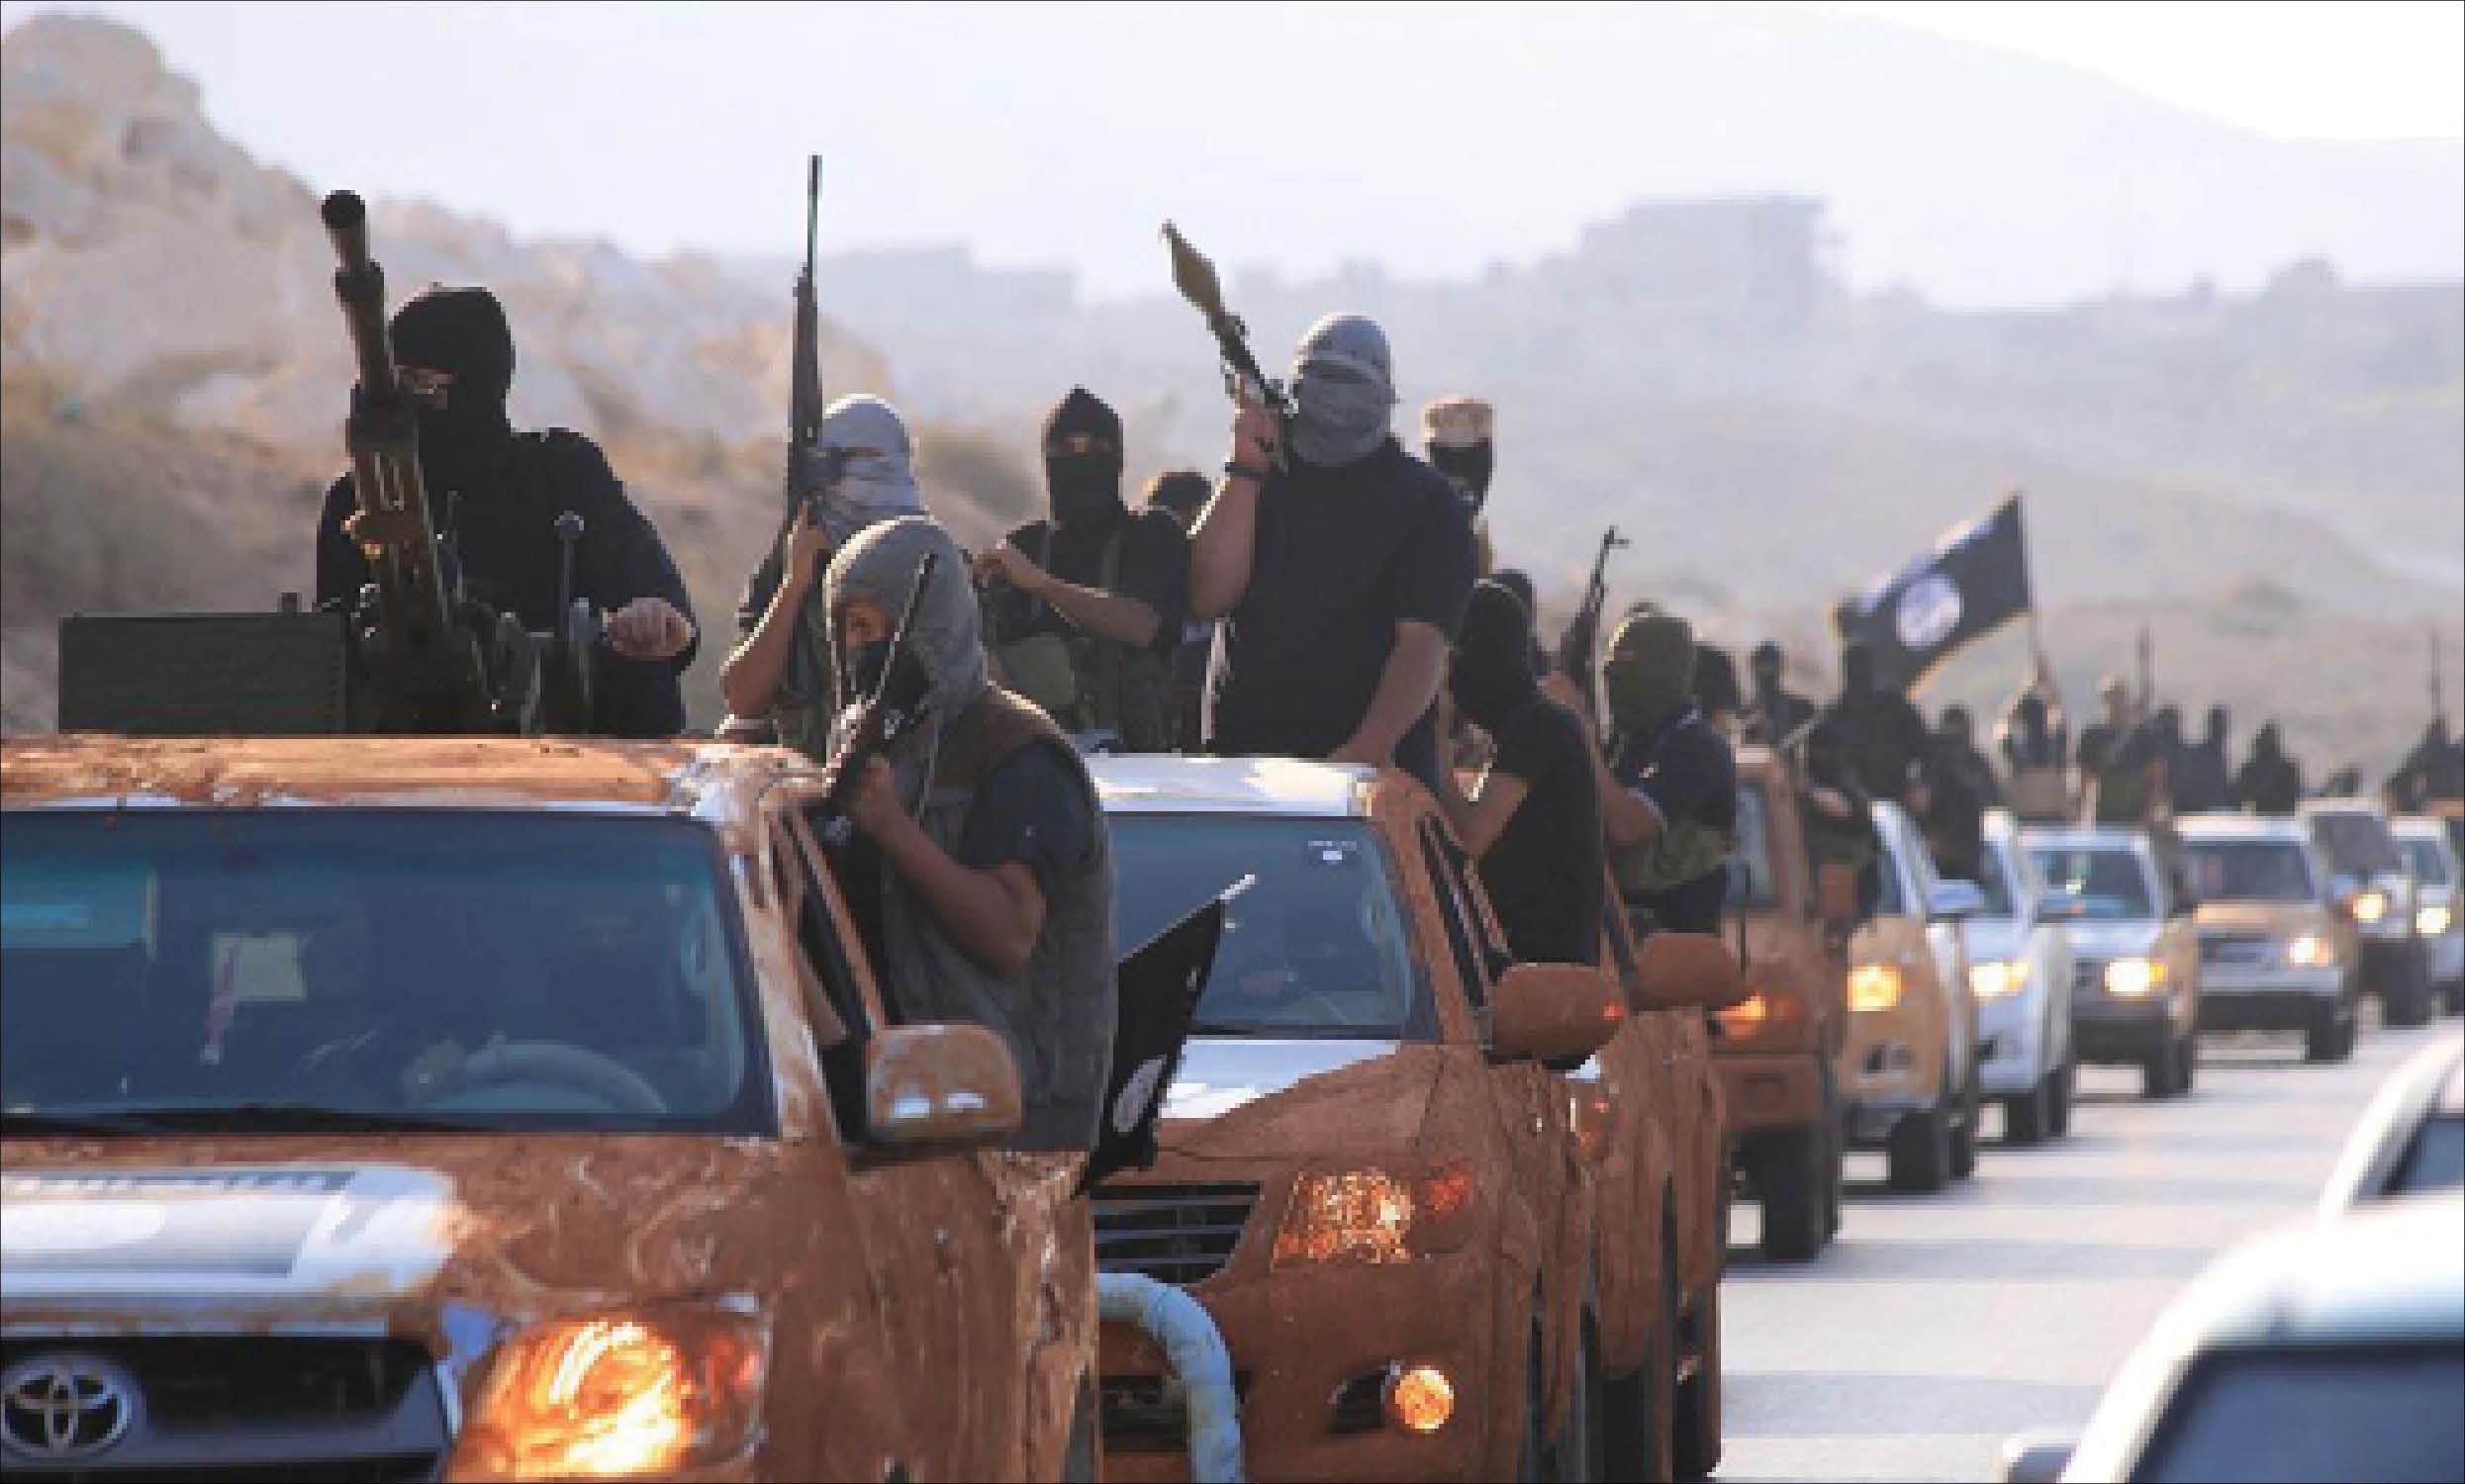 الإرهاب في غرب افريقيا وليد الفوضى المنظمة